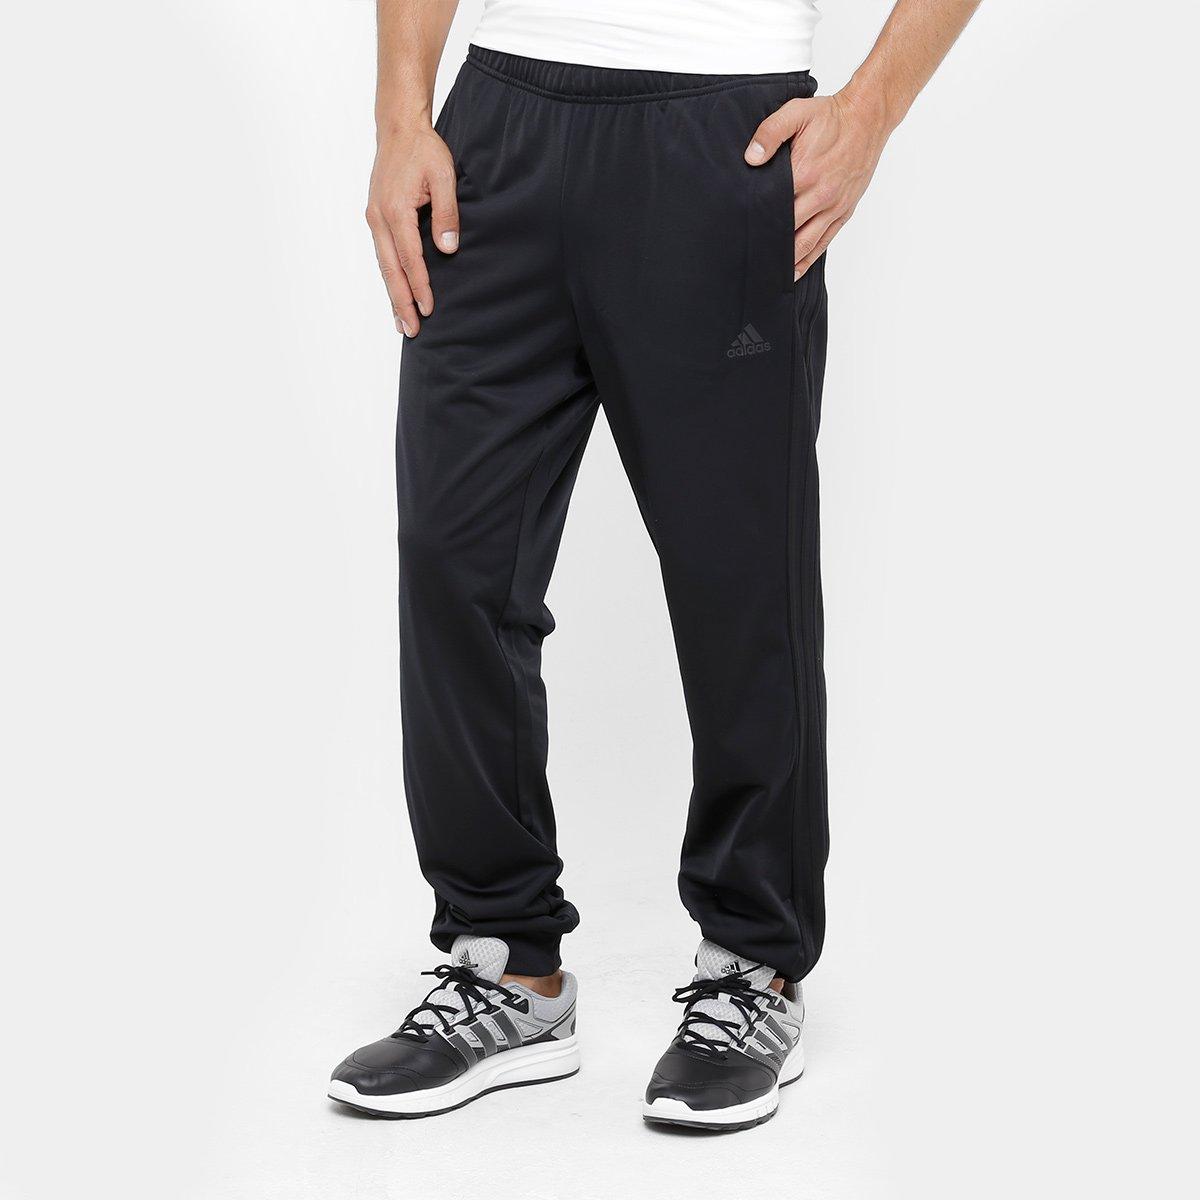 98f1862f9febf Calça Adidas Ess 3S Masculina - Preto - Compre Agora